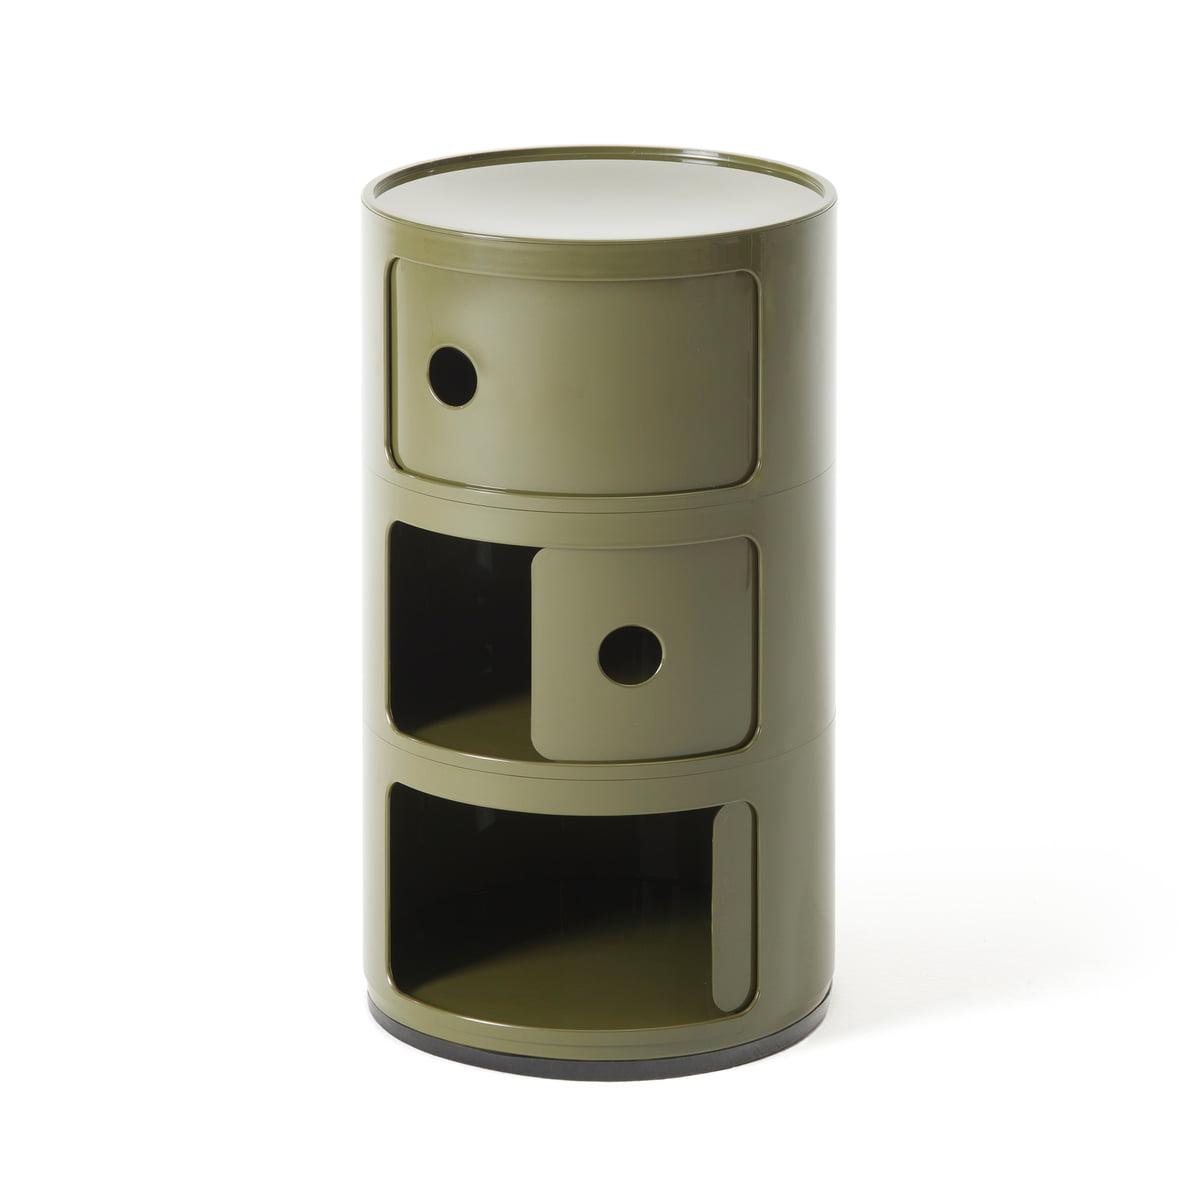 D couvrez le componibili 4967 de kartell - Chevet kartell componibili ...